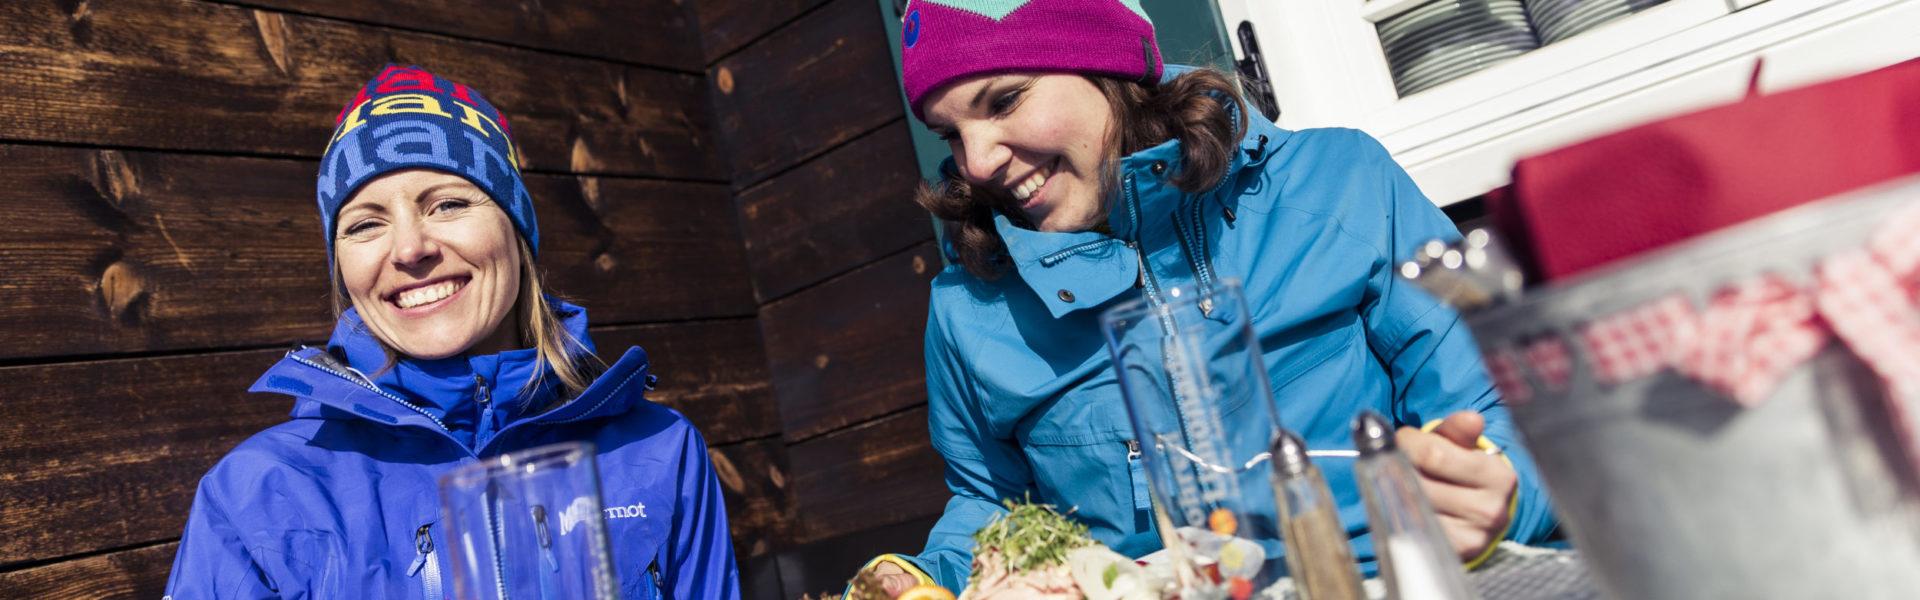 Genießen auf der Sonna Alp im Kleinwalsertal © Oliver Farys / Kleinwalsertal Tourismus